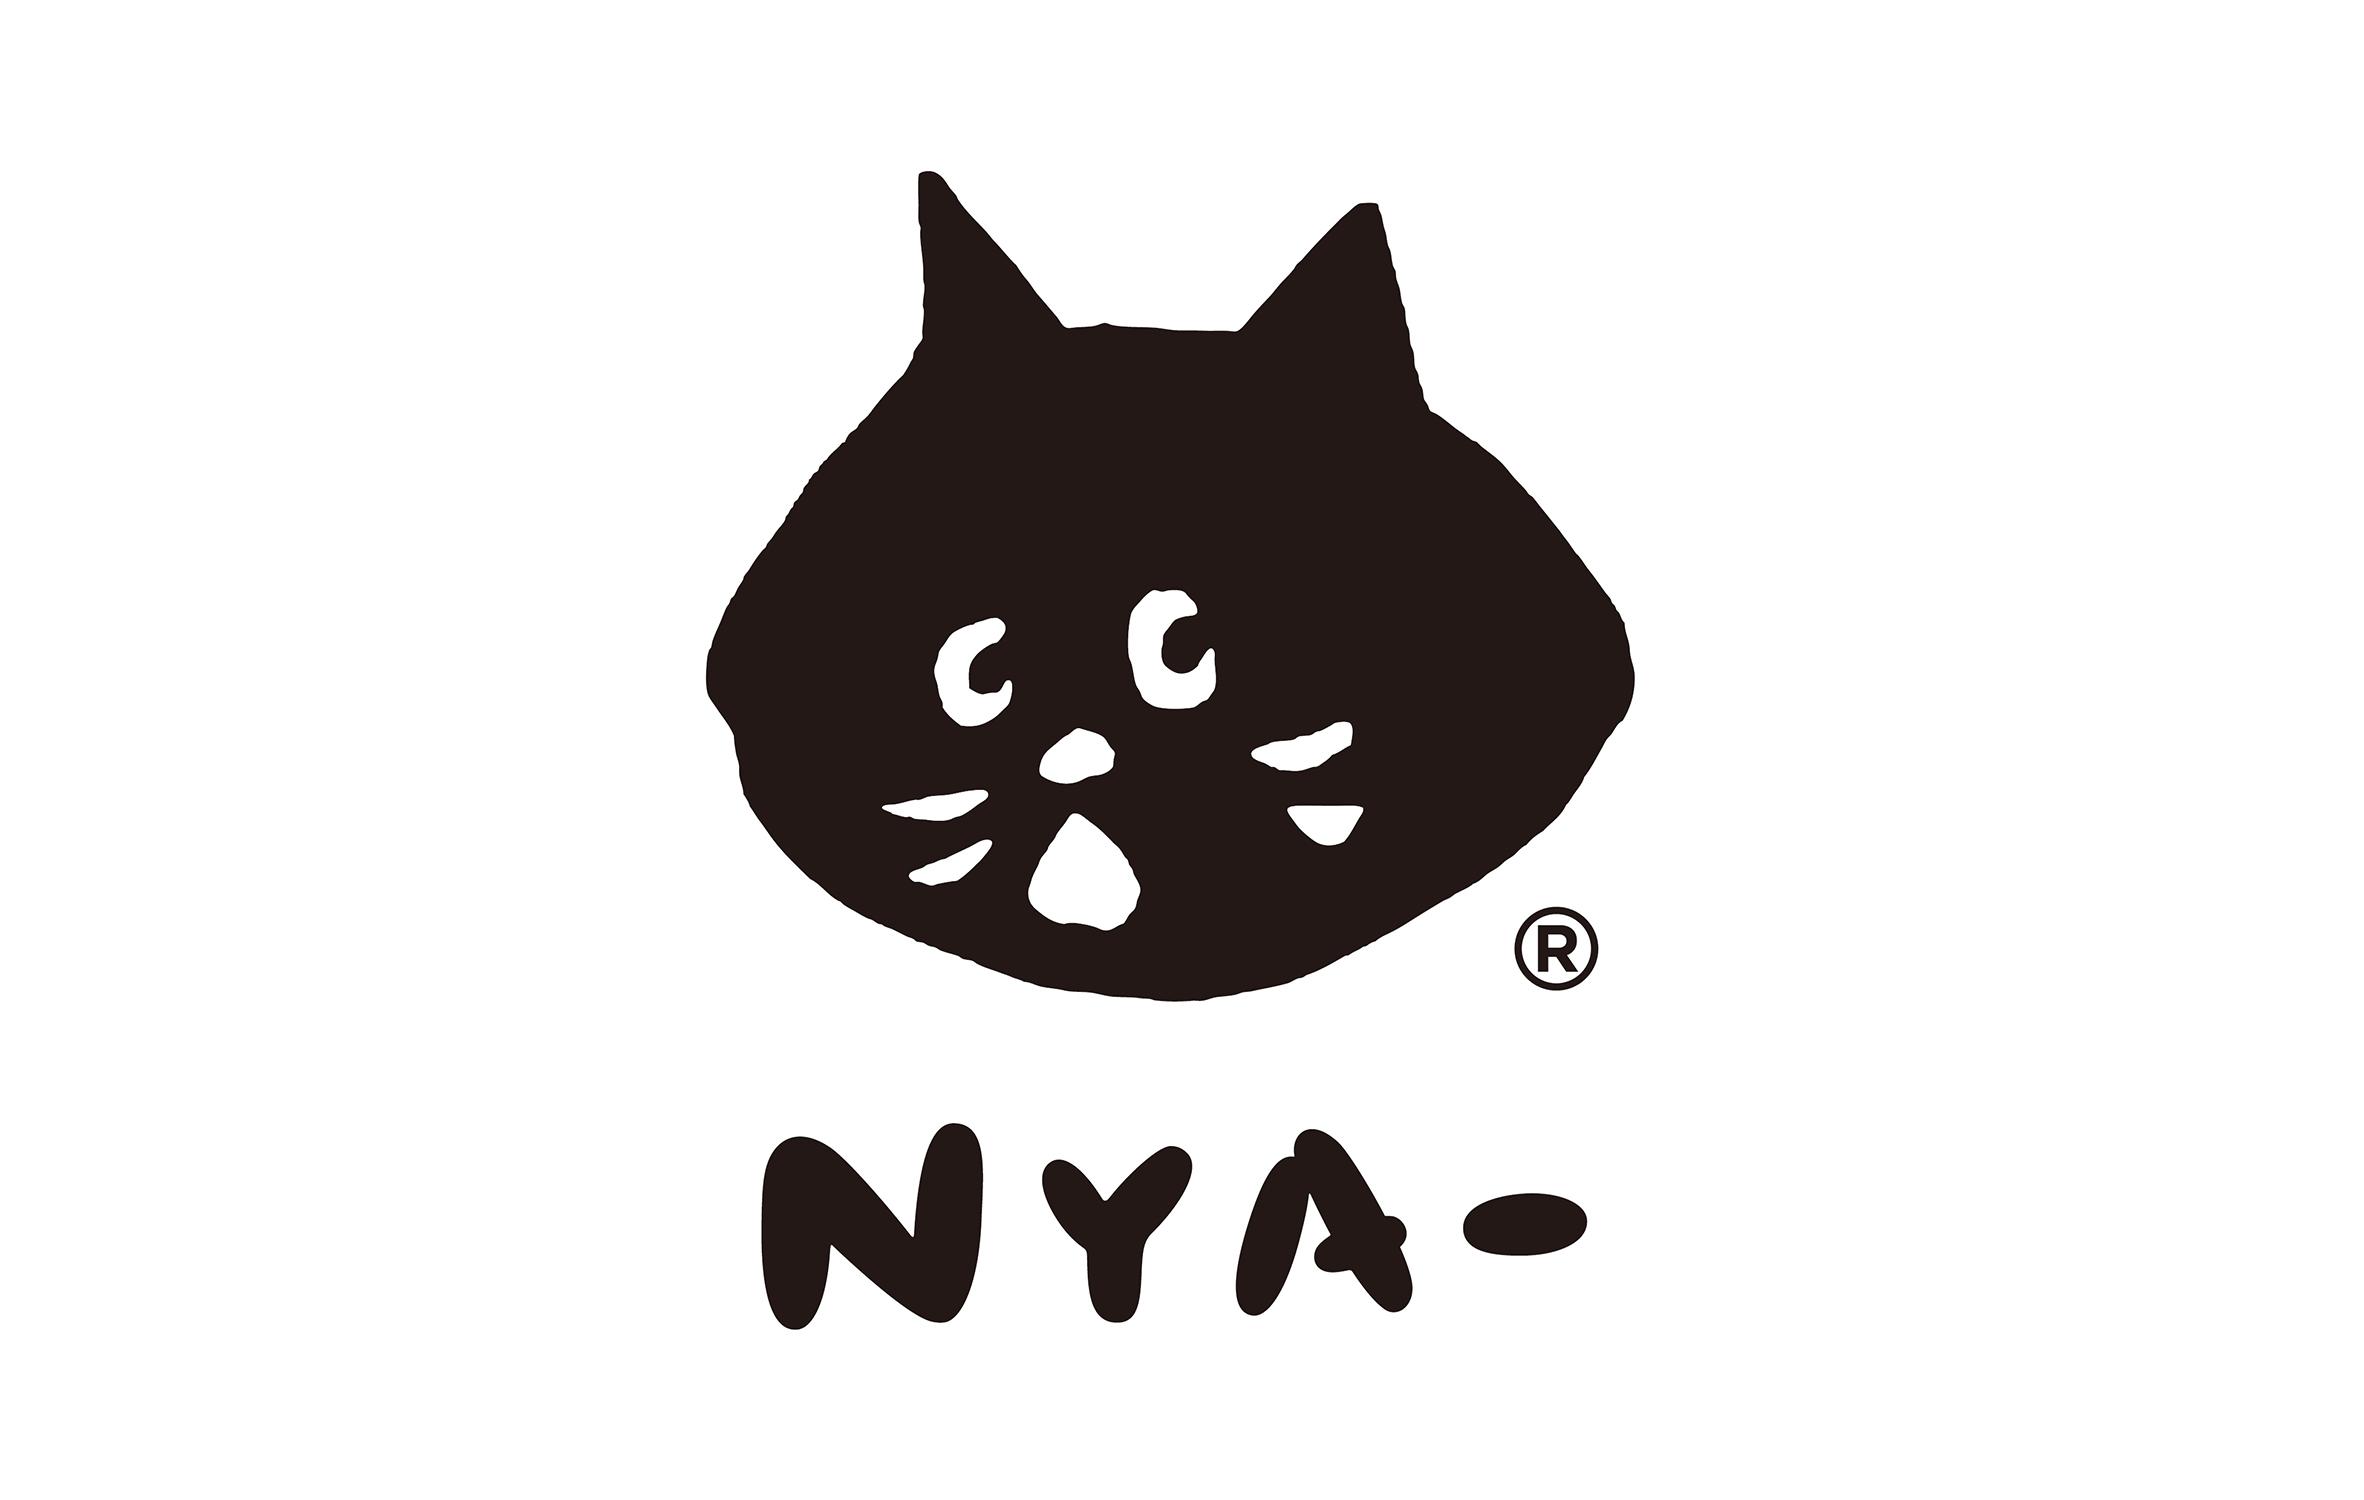 nya- 的最大特点就是脸部表情总是带著惊喜表情,并且喜欢将头与身体